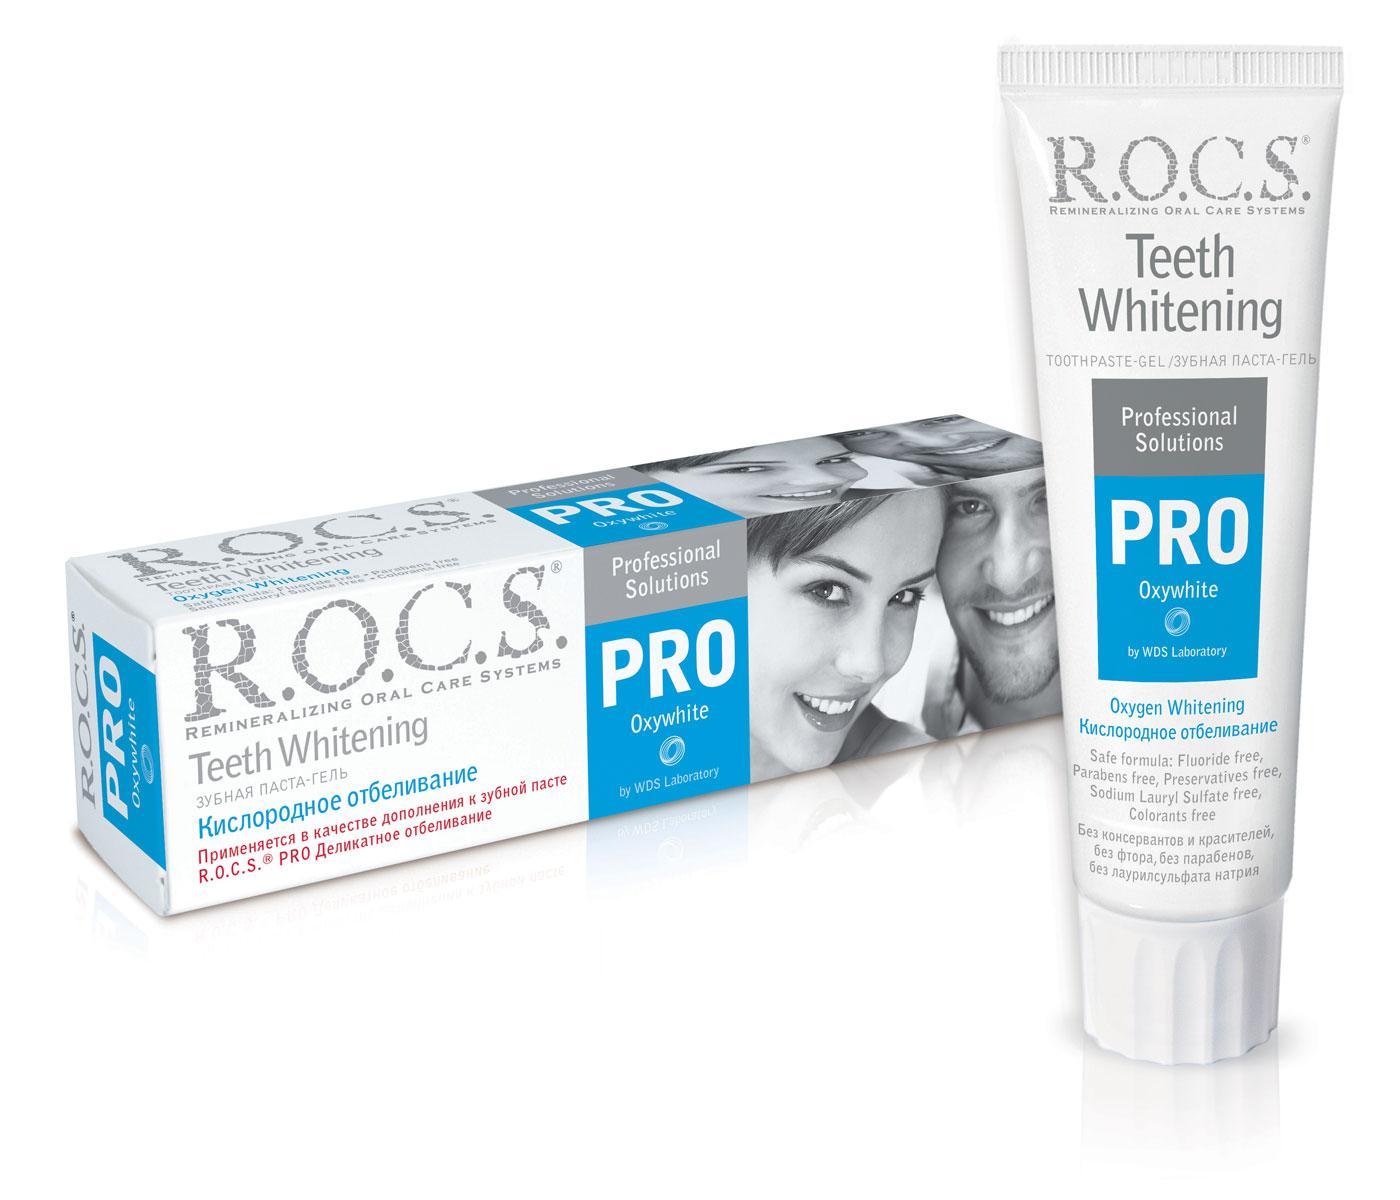 R.O.C.S. PRO Зубная паста Кислородное Отбеливание, 60 гр32700108Паста имеет очень низкий показатель абразивности, поэтому может применяться как с обычной, так и с электрической зубной щеткой.